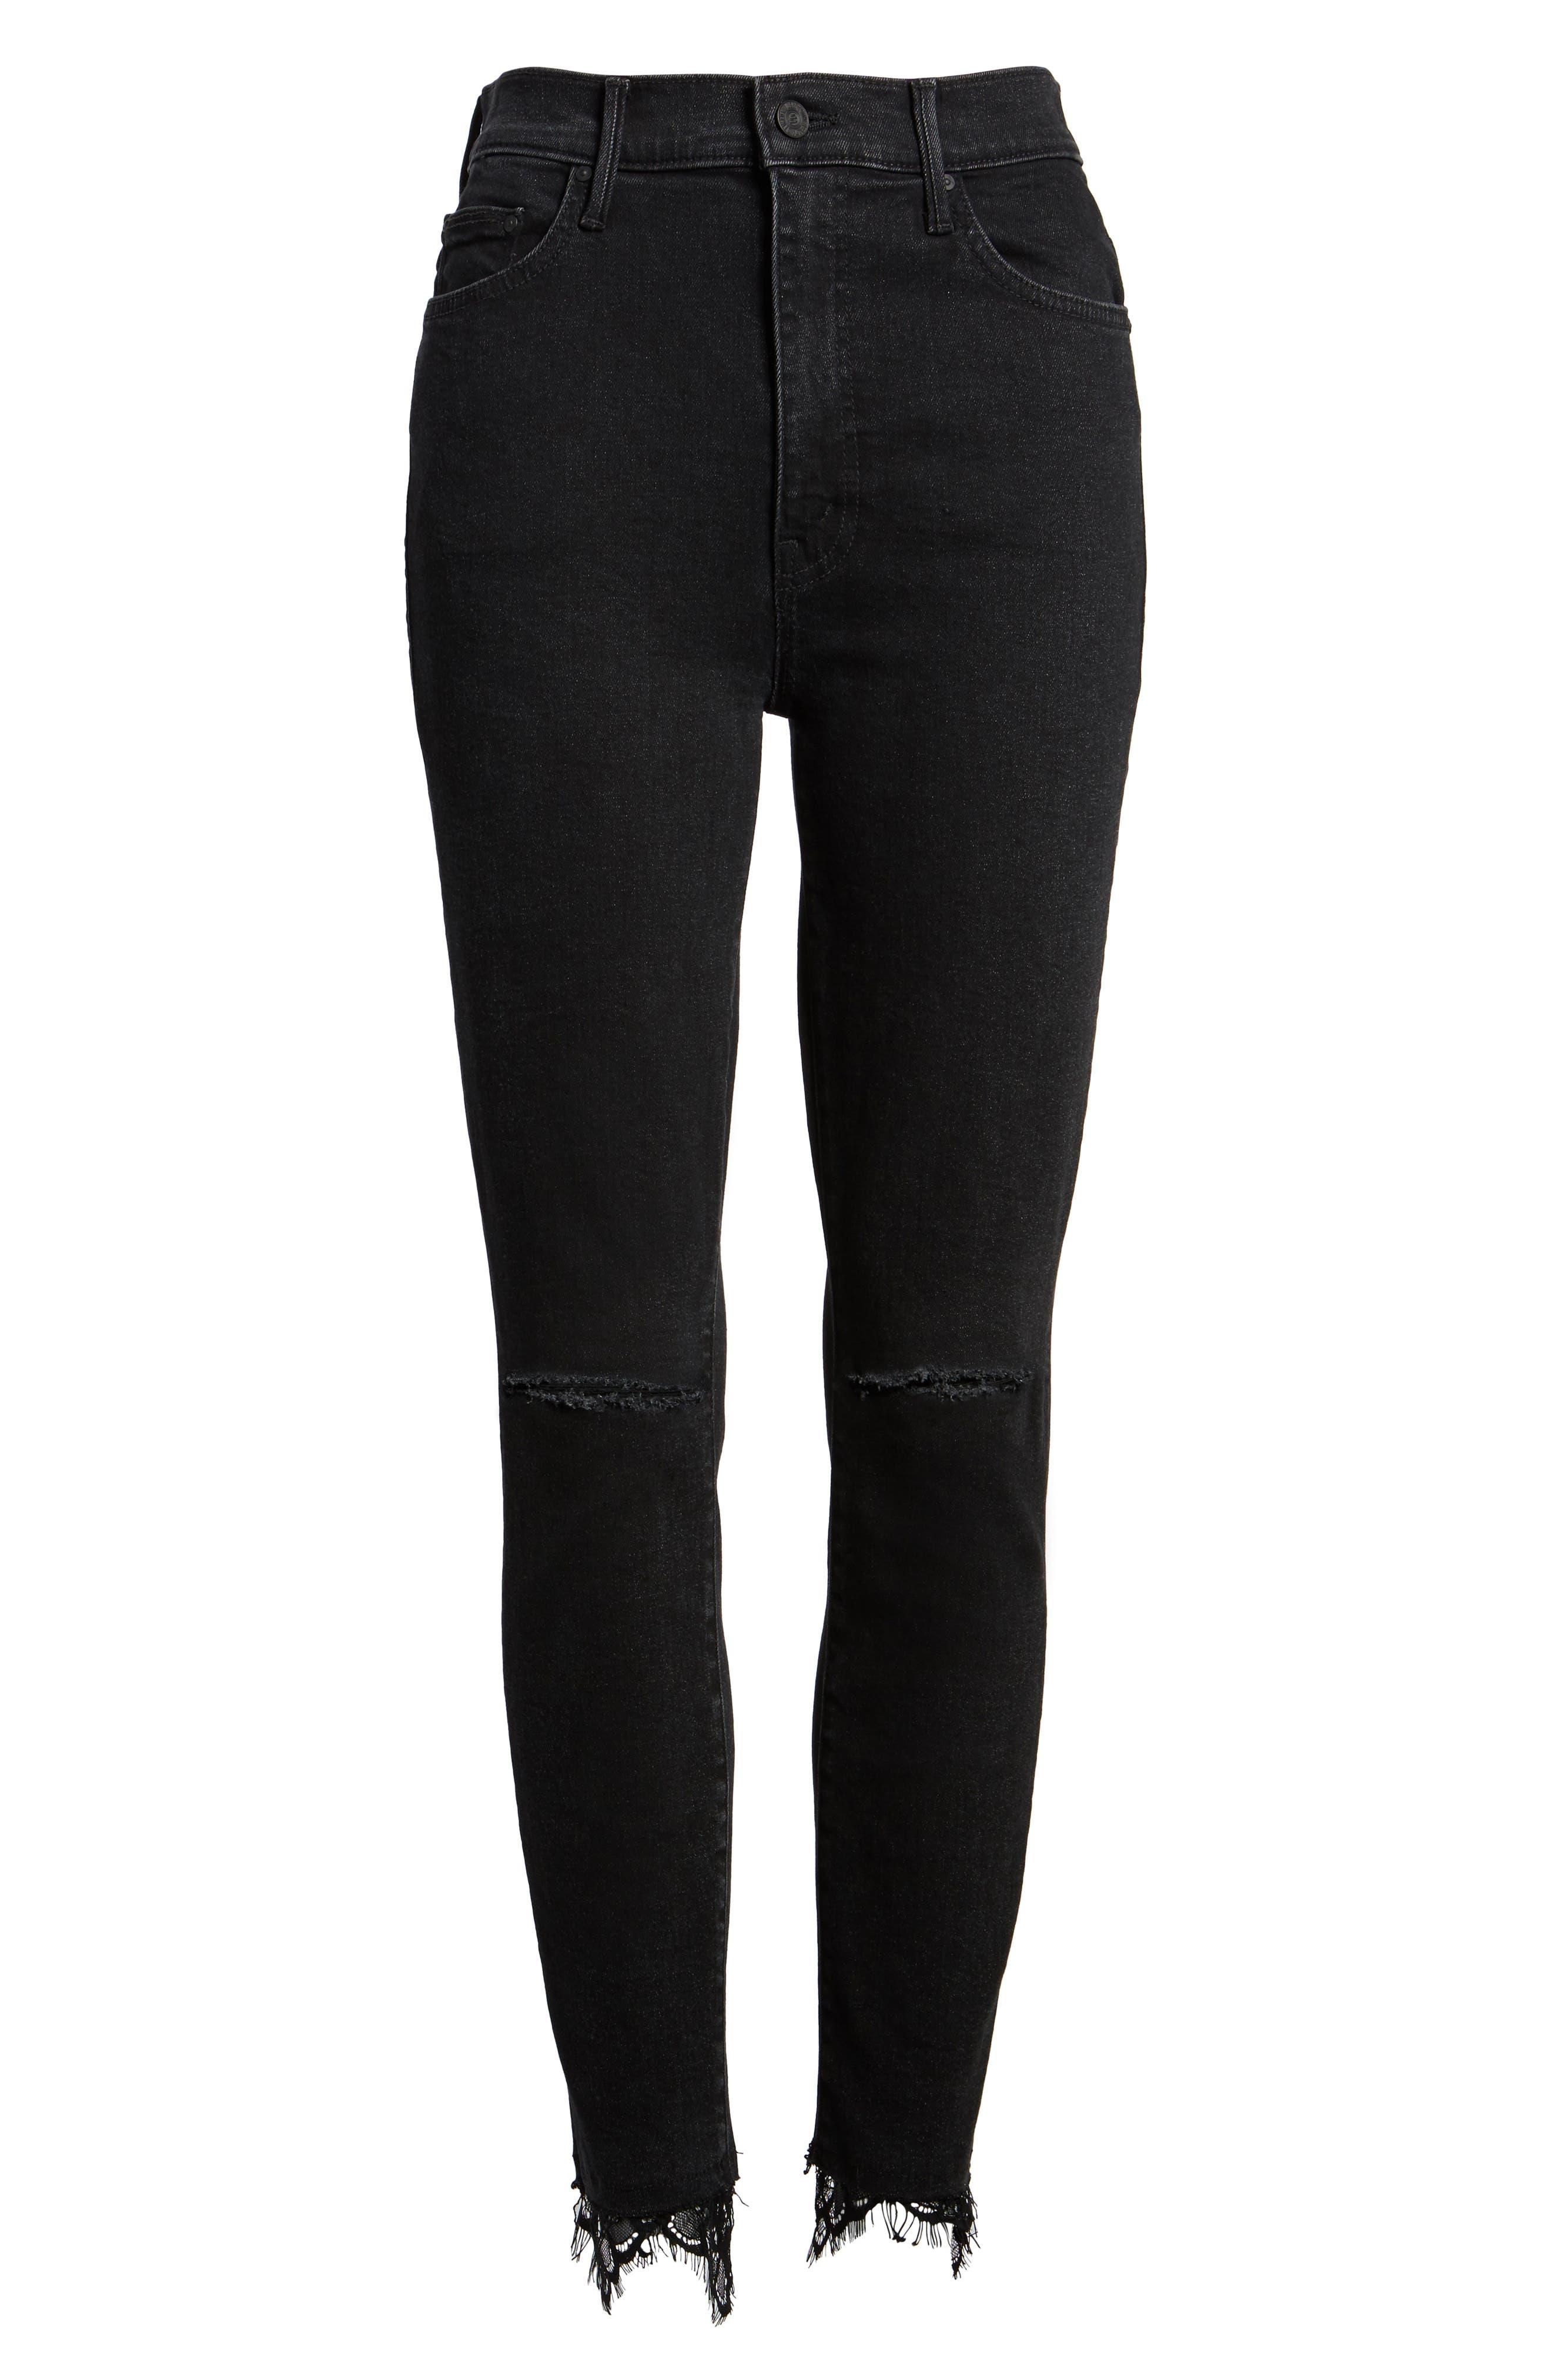 Swooner Dagger Ankle Skinny Jeans,                             Alternate thumbnail 6, color,                             001